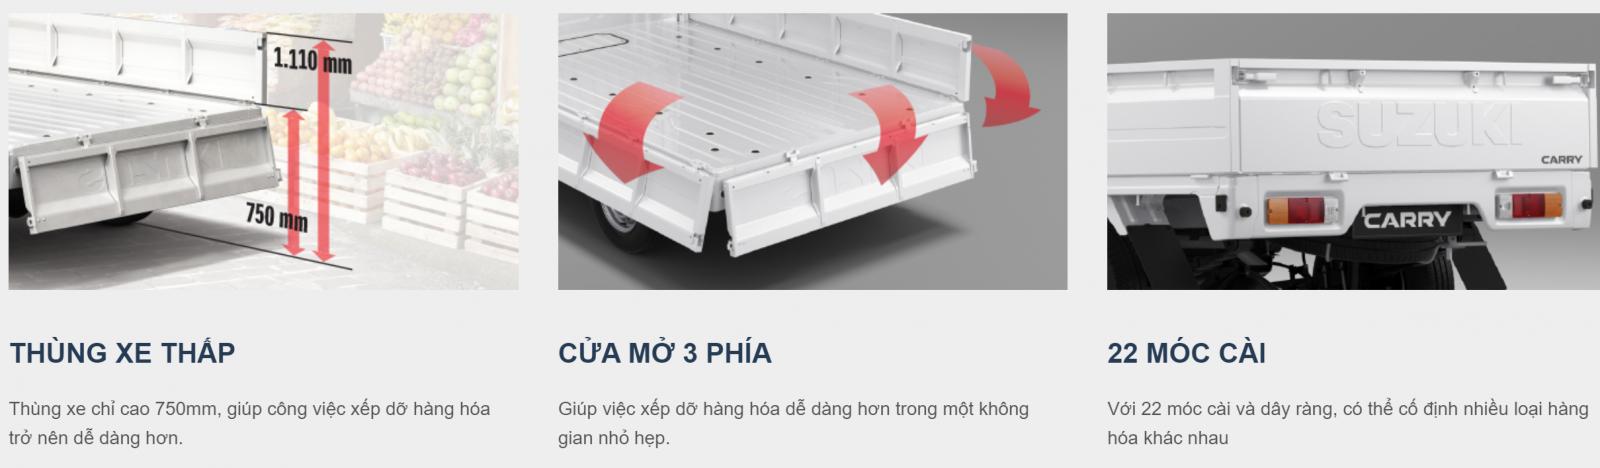 Carry Pro được trang bị 22 móc cài chắc chắn ở thùng xe, đảm bảo an toàn khi vận chuyển hàng hóa trên đường